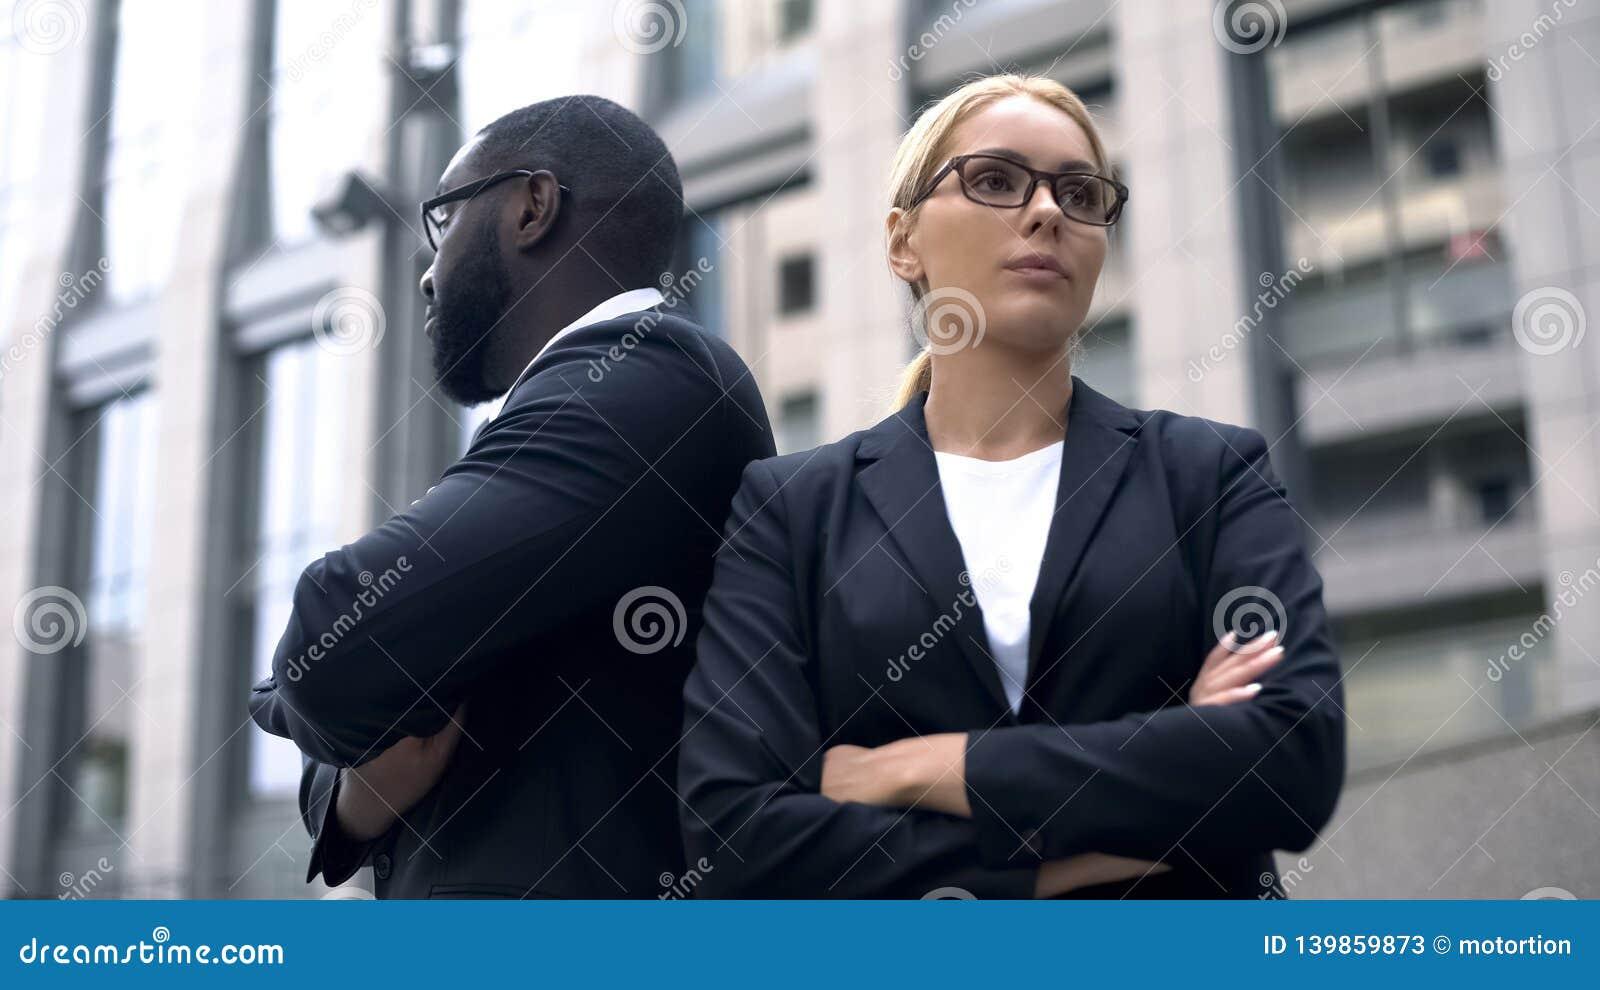 商务伙伴有分歧在起动,想法的交锋,竞争